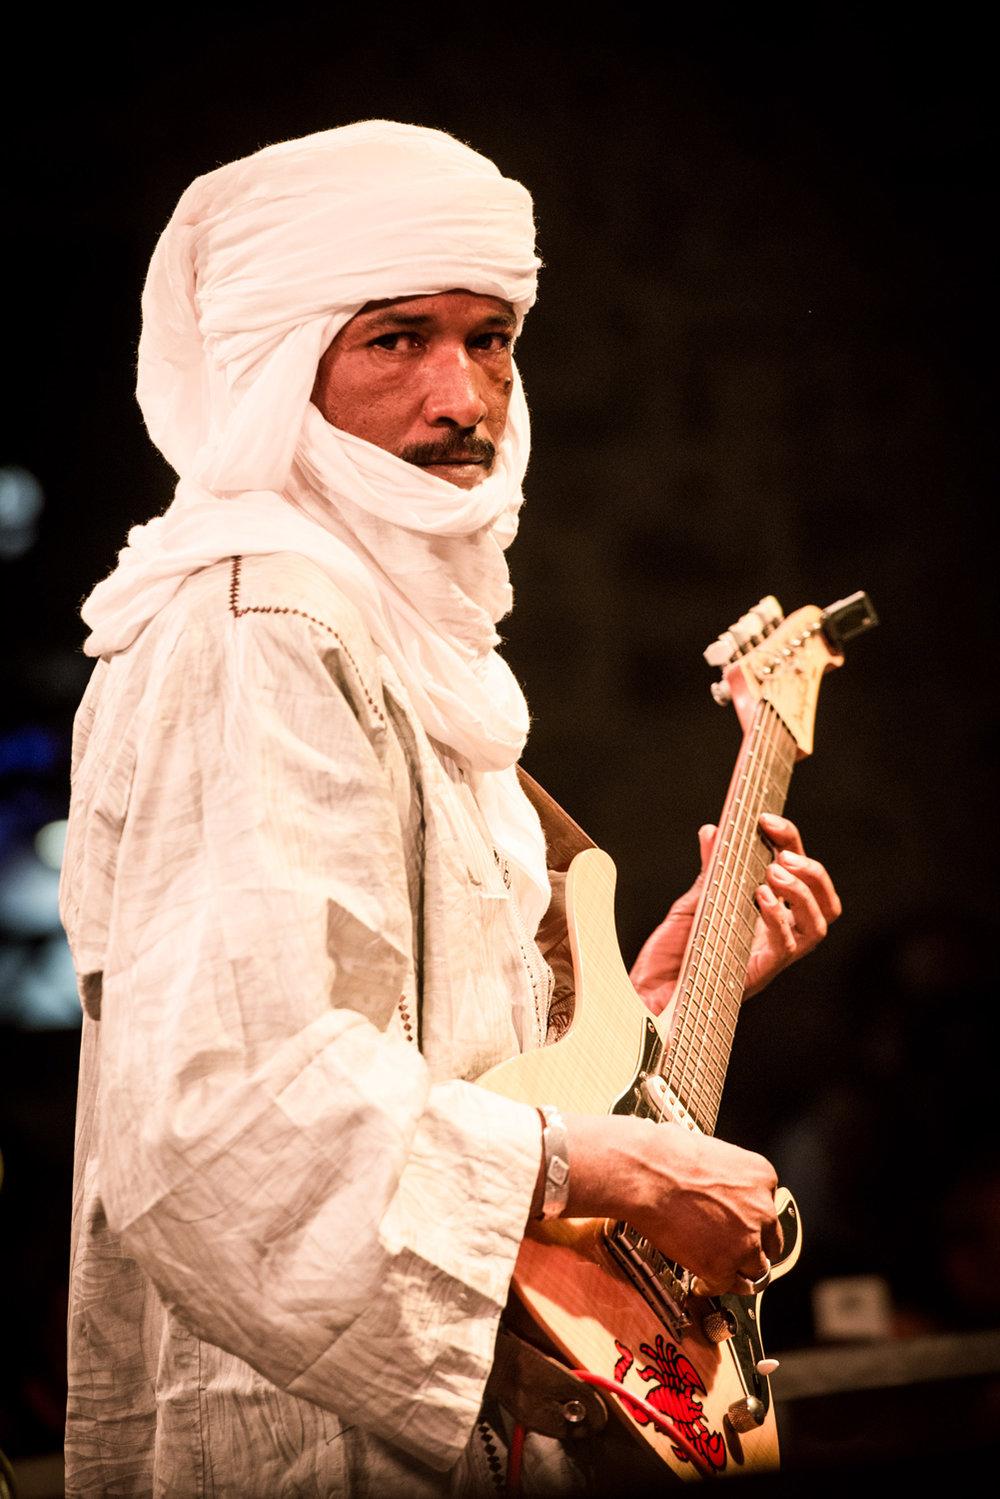 Ahmed Ag Kaedy